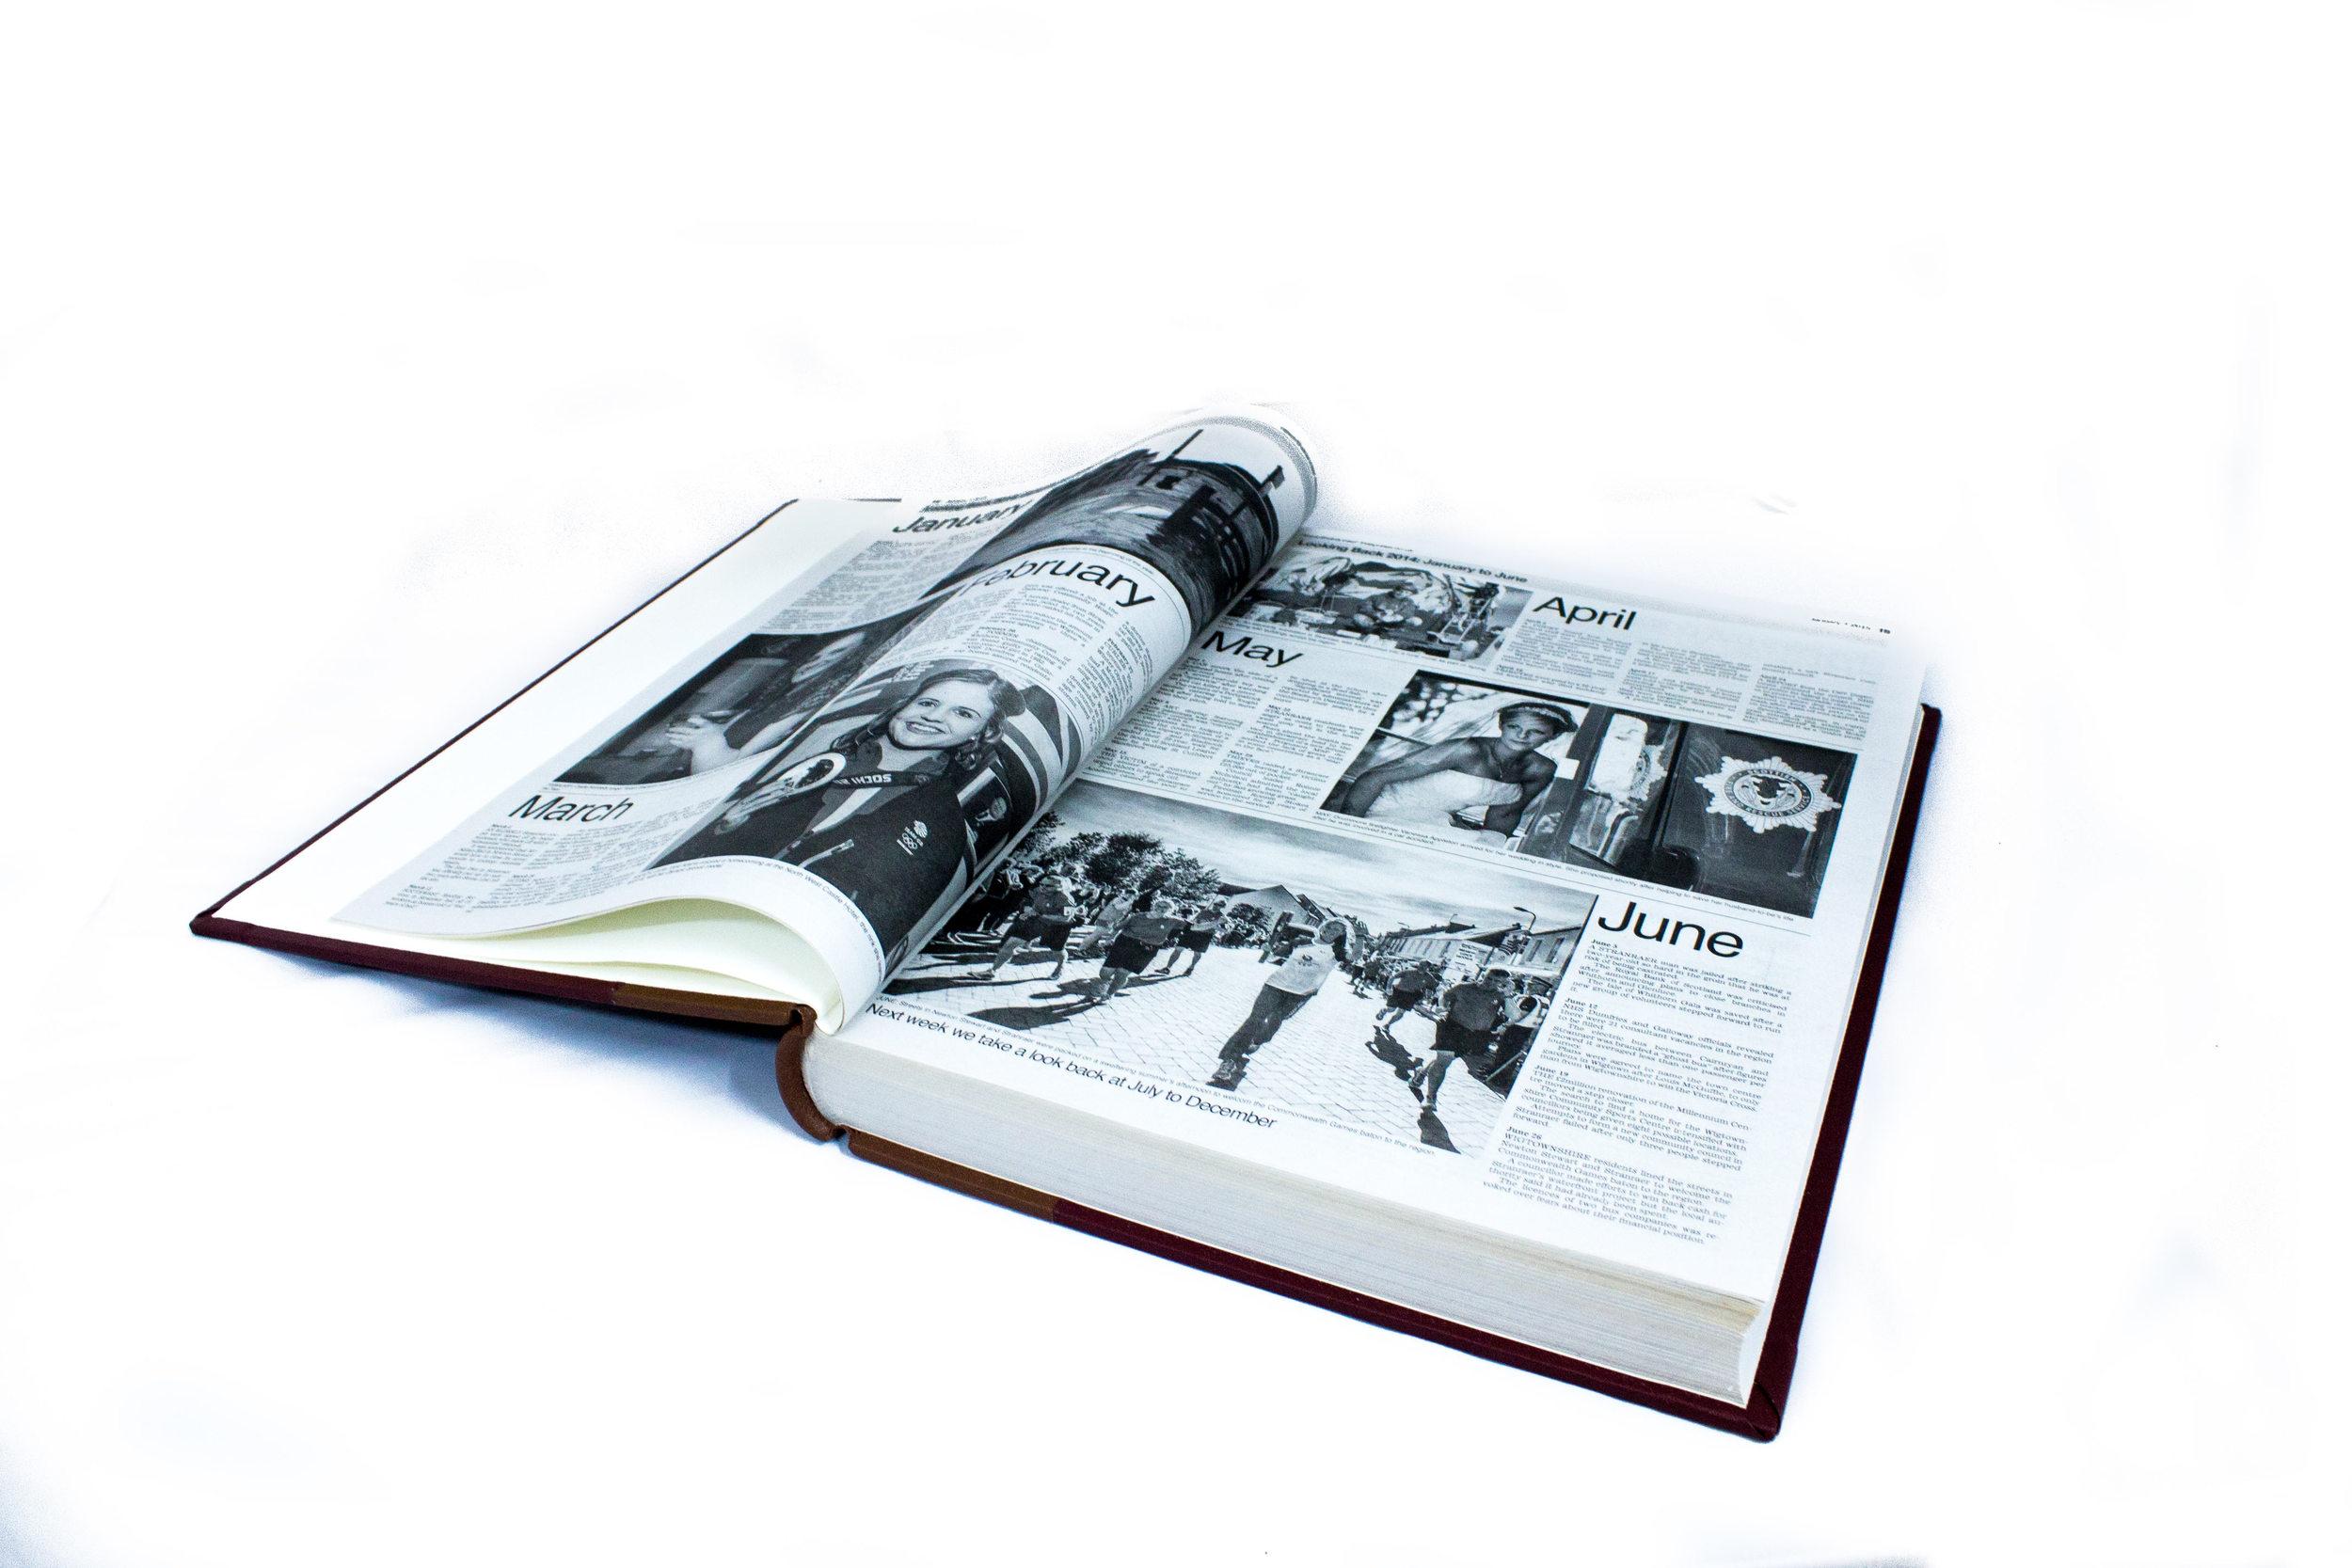 Rebound magazines